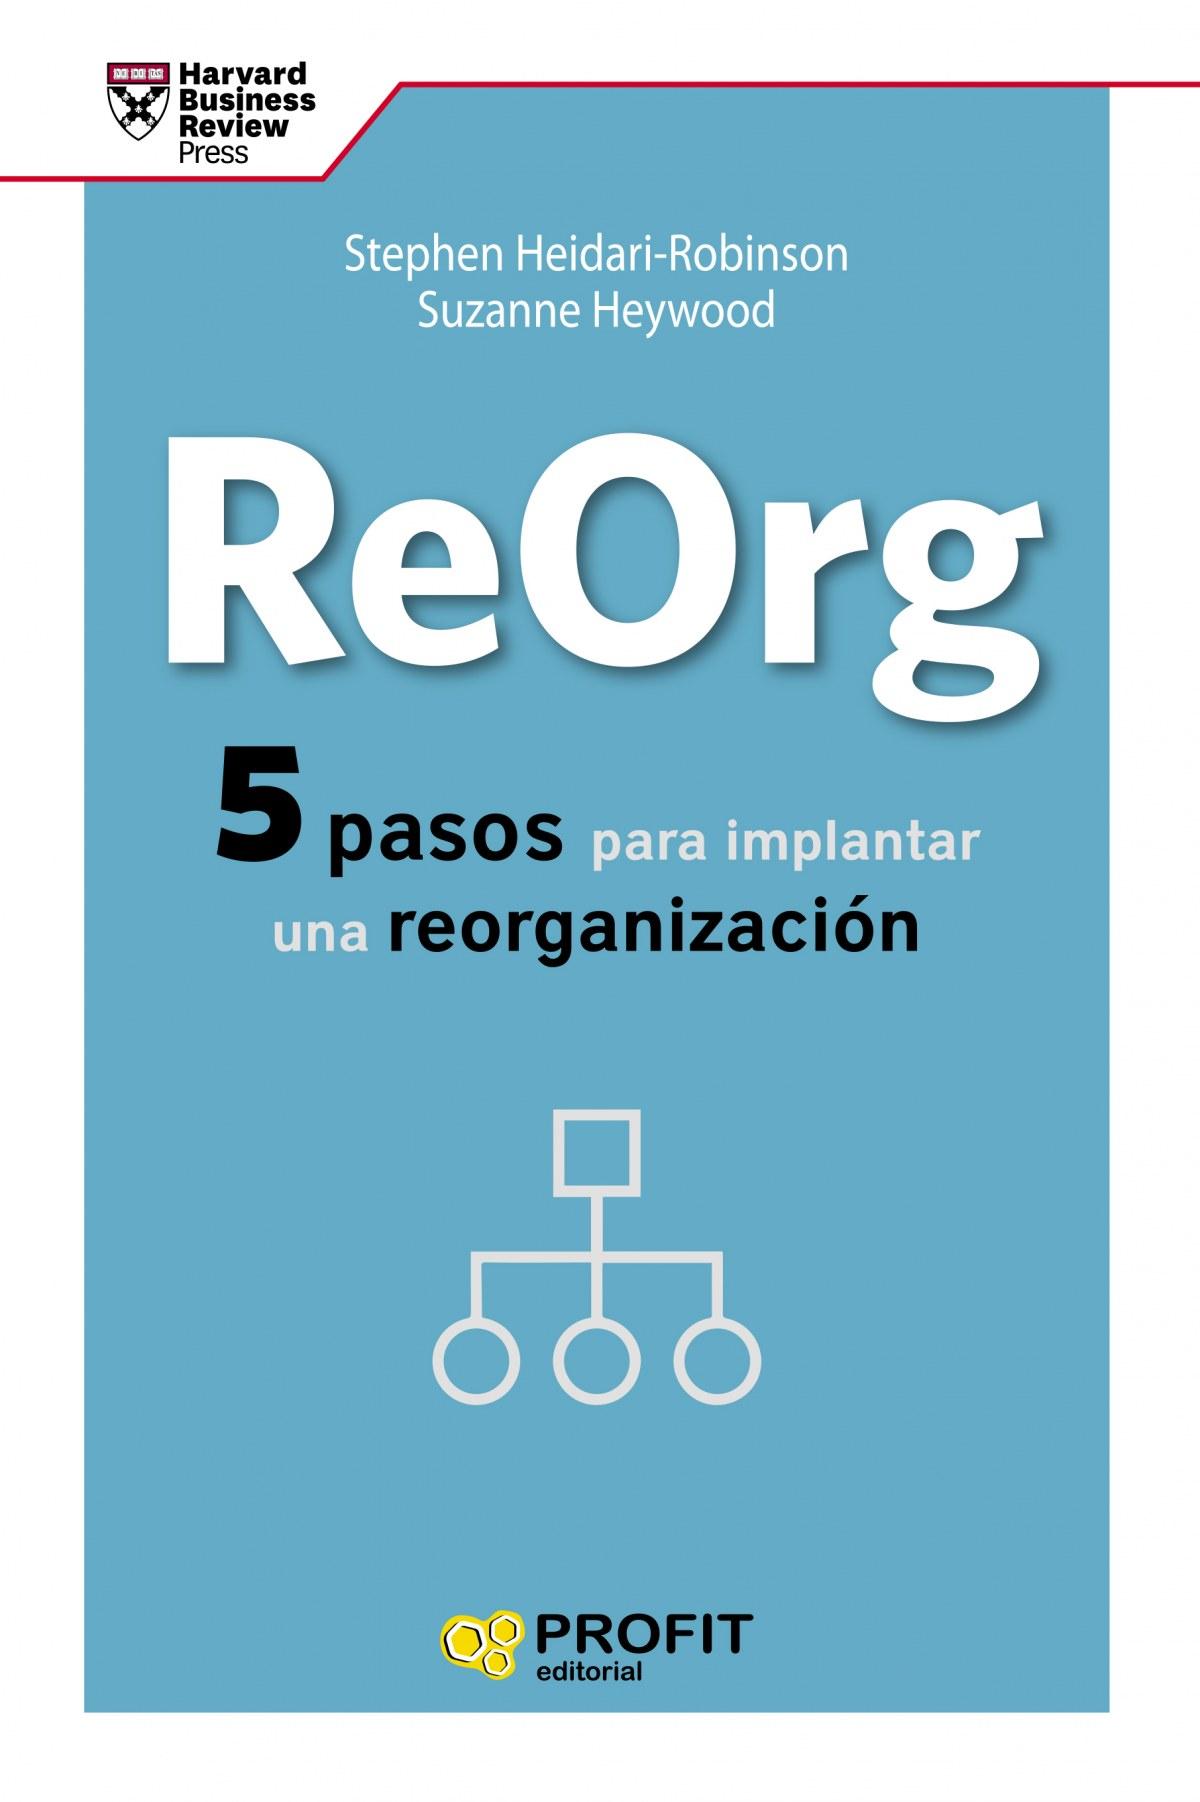 REORG 5 PASOS PARA IMPLANTAR UNA REORGANIZACION